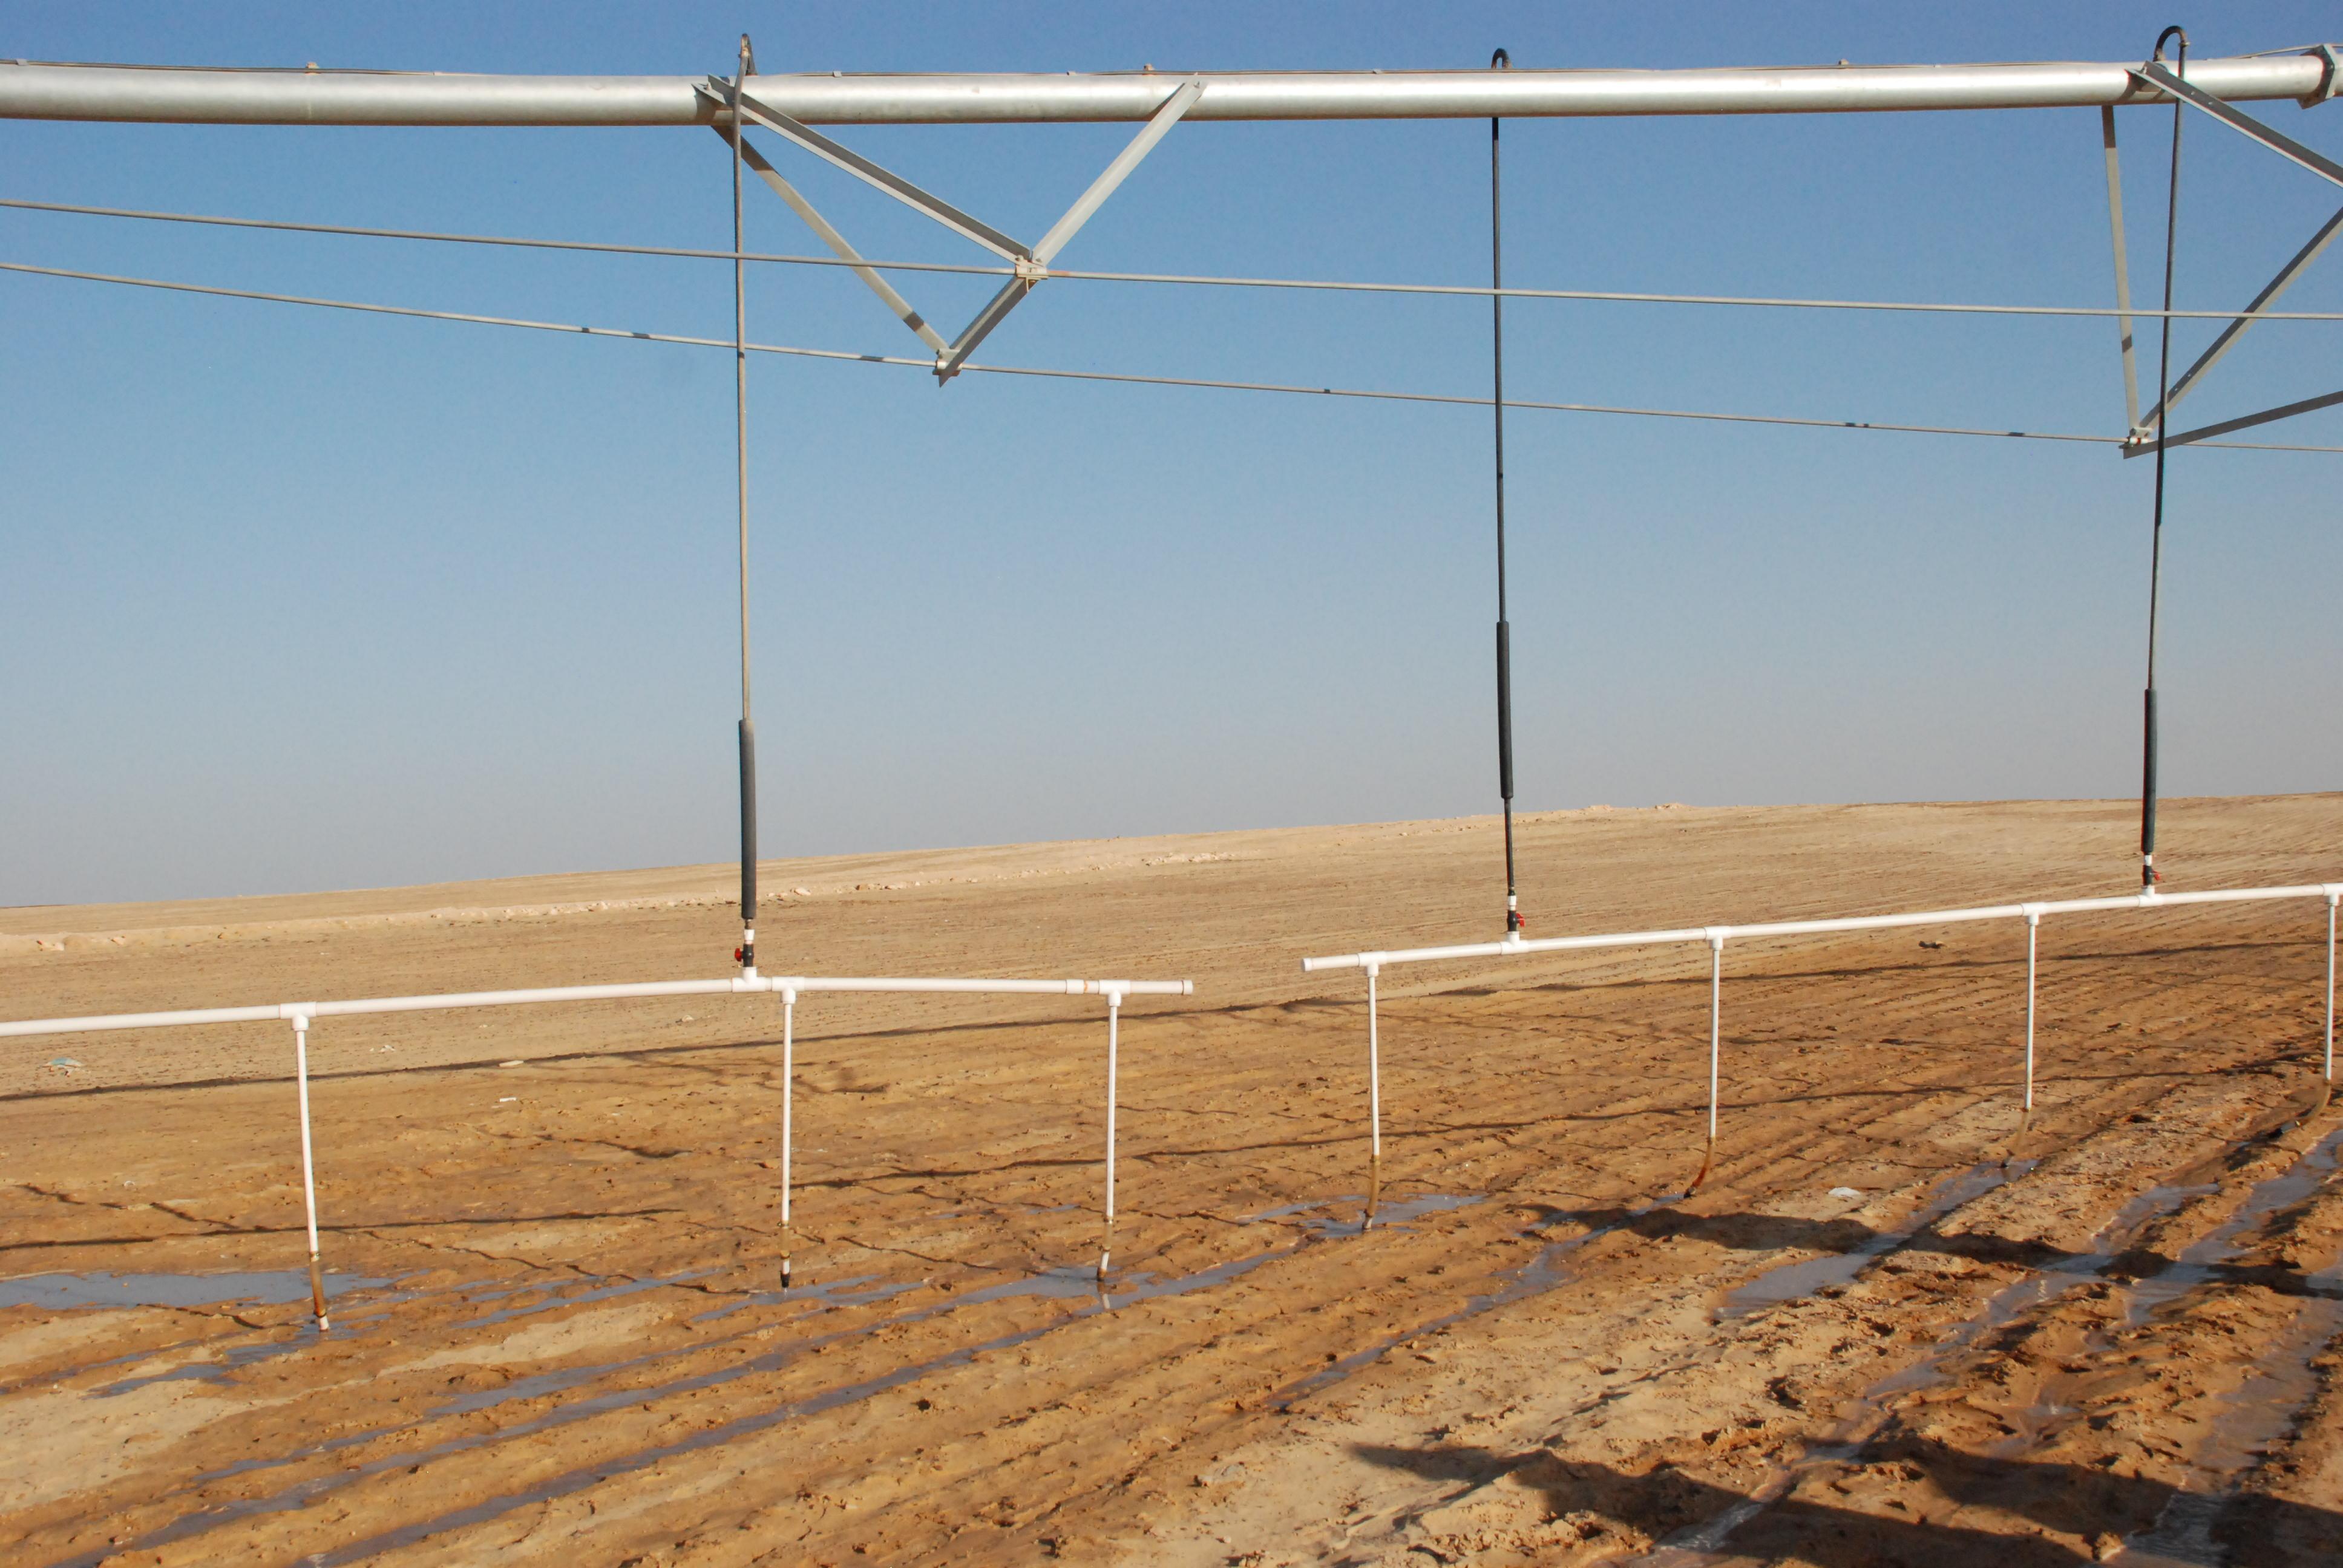 المرحلة الأولى من مشروع الـ20 ألف فدان بغرب غرب المنيا  (4)